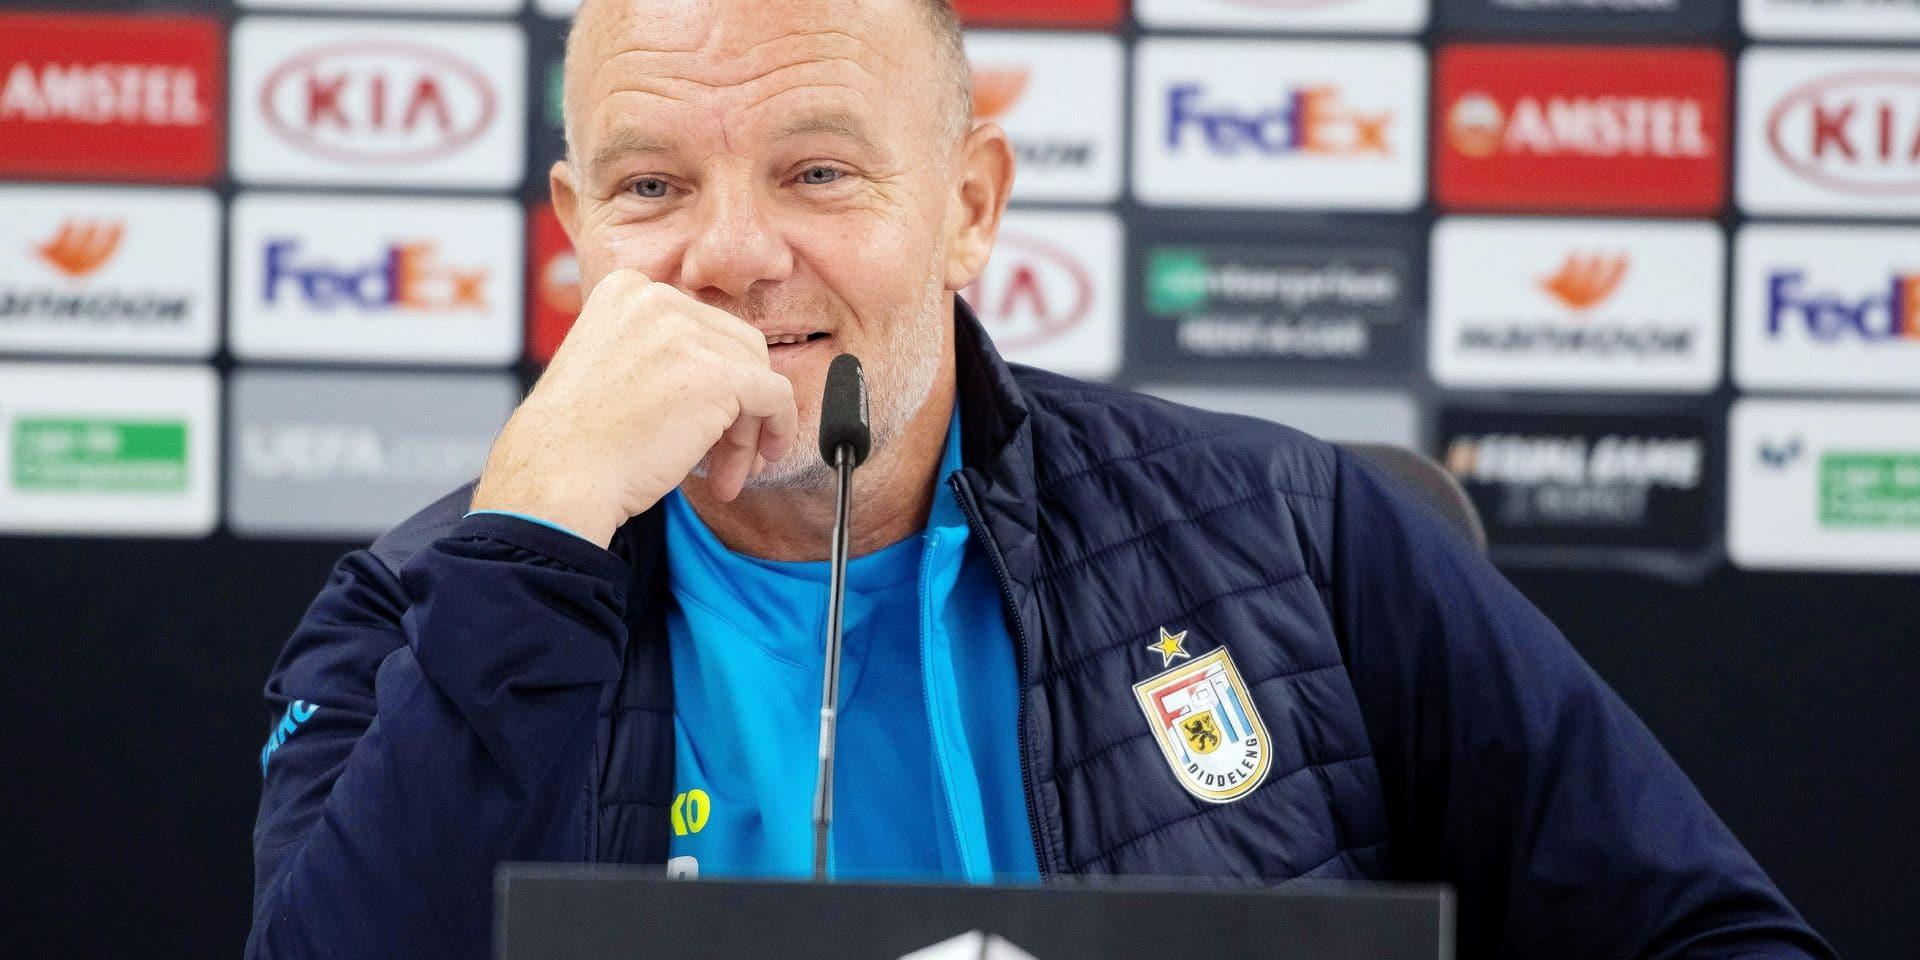 Dudelange's press conference